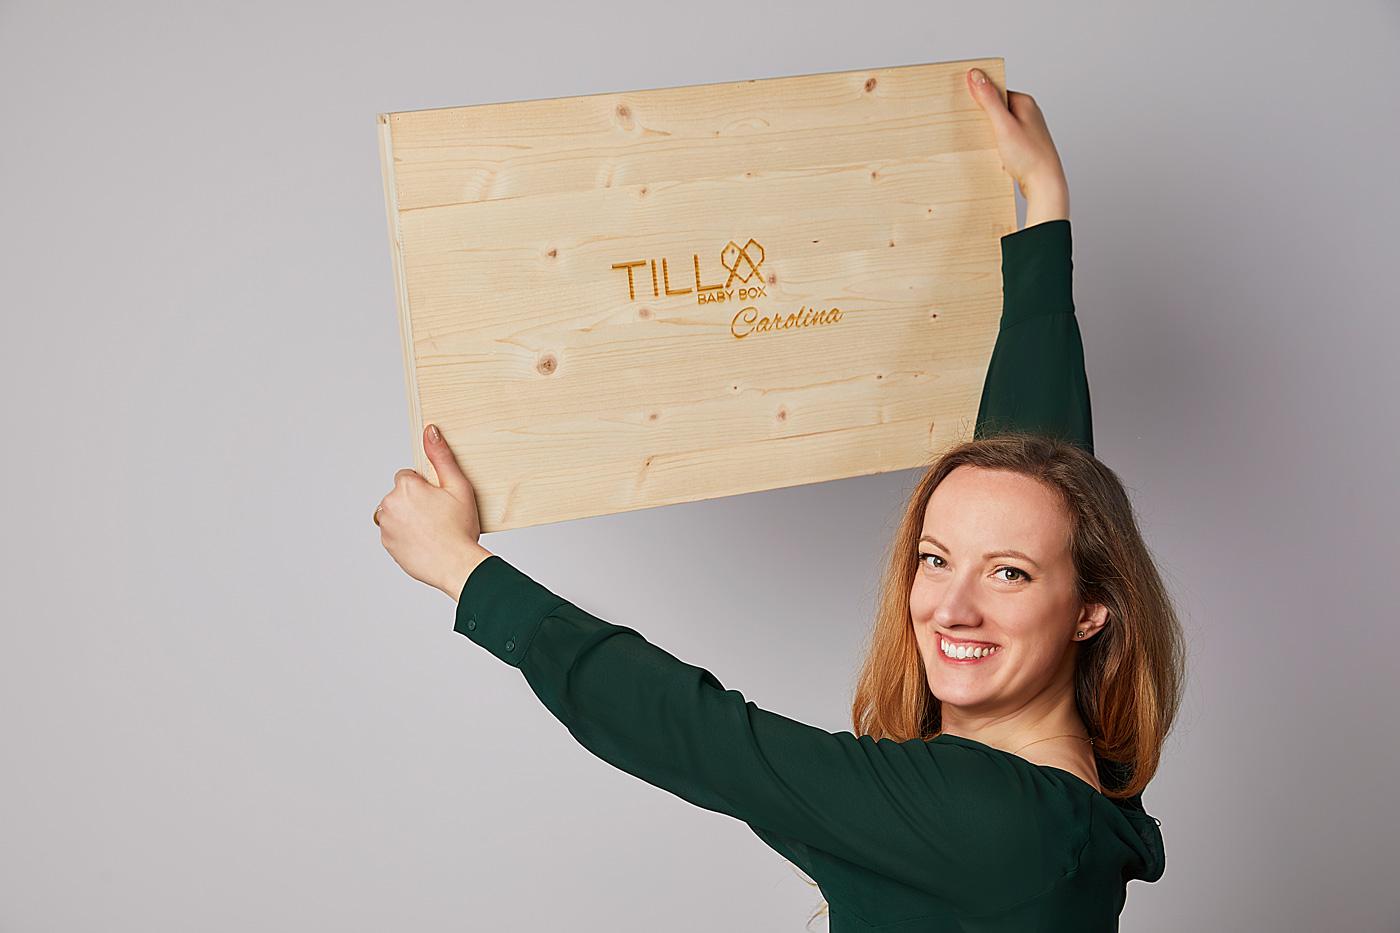 La Storia di Margherita e di Tilla Baby Box, un'impresa etica che coniuga design, qualità e solidarietà